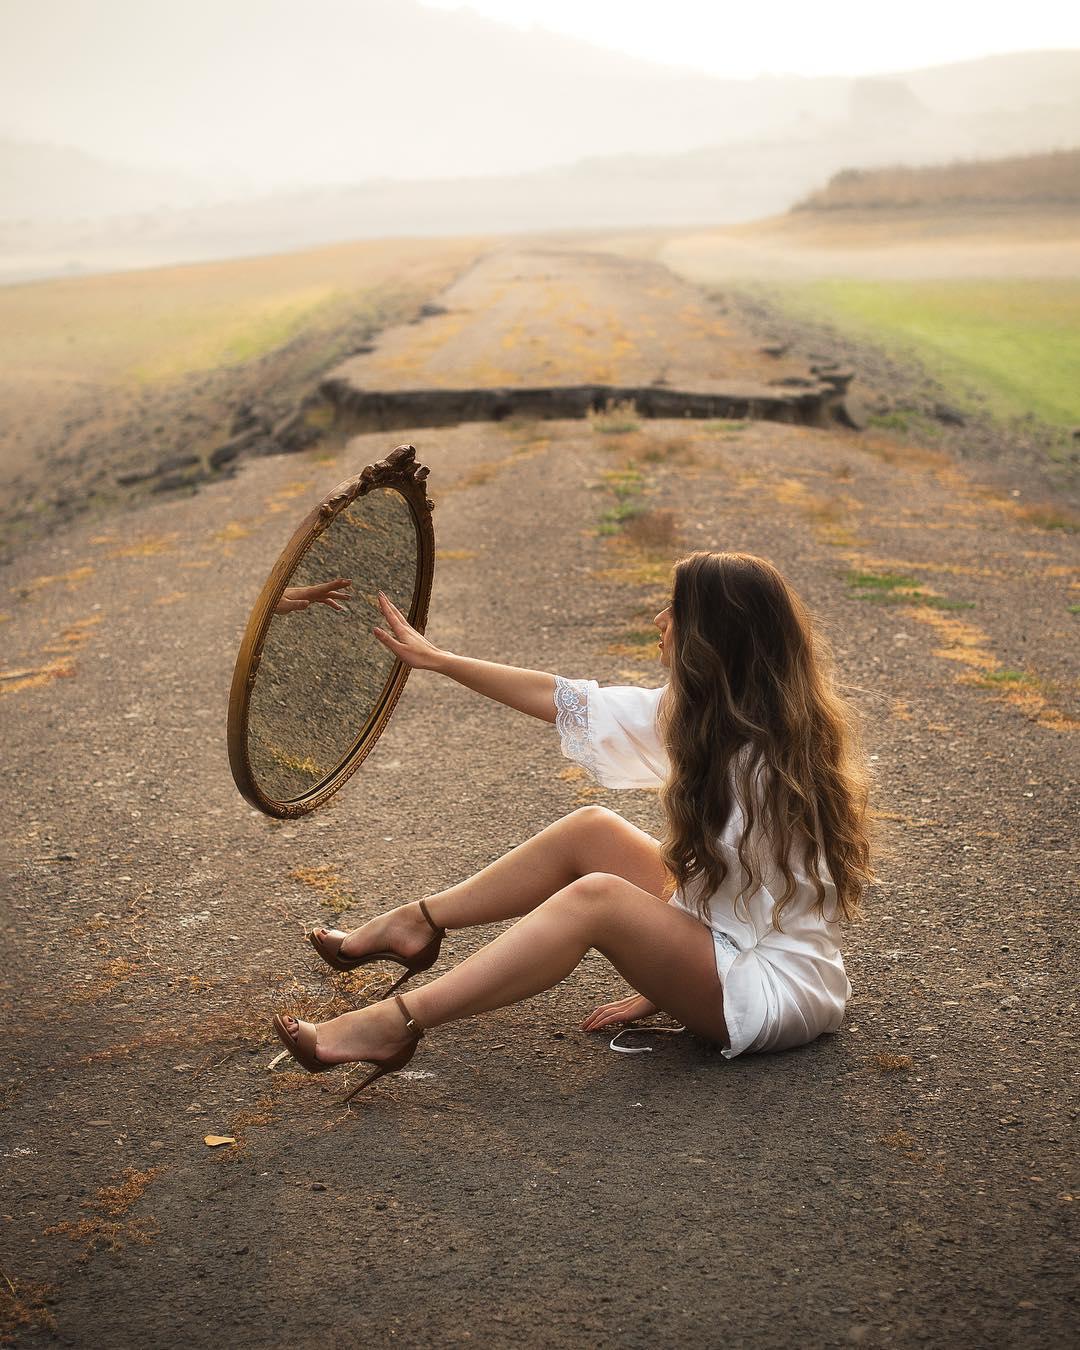 Чувственные снимки девушек от Натаниэля Гердеса